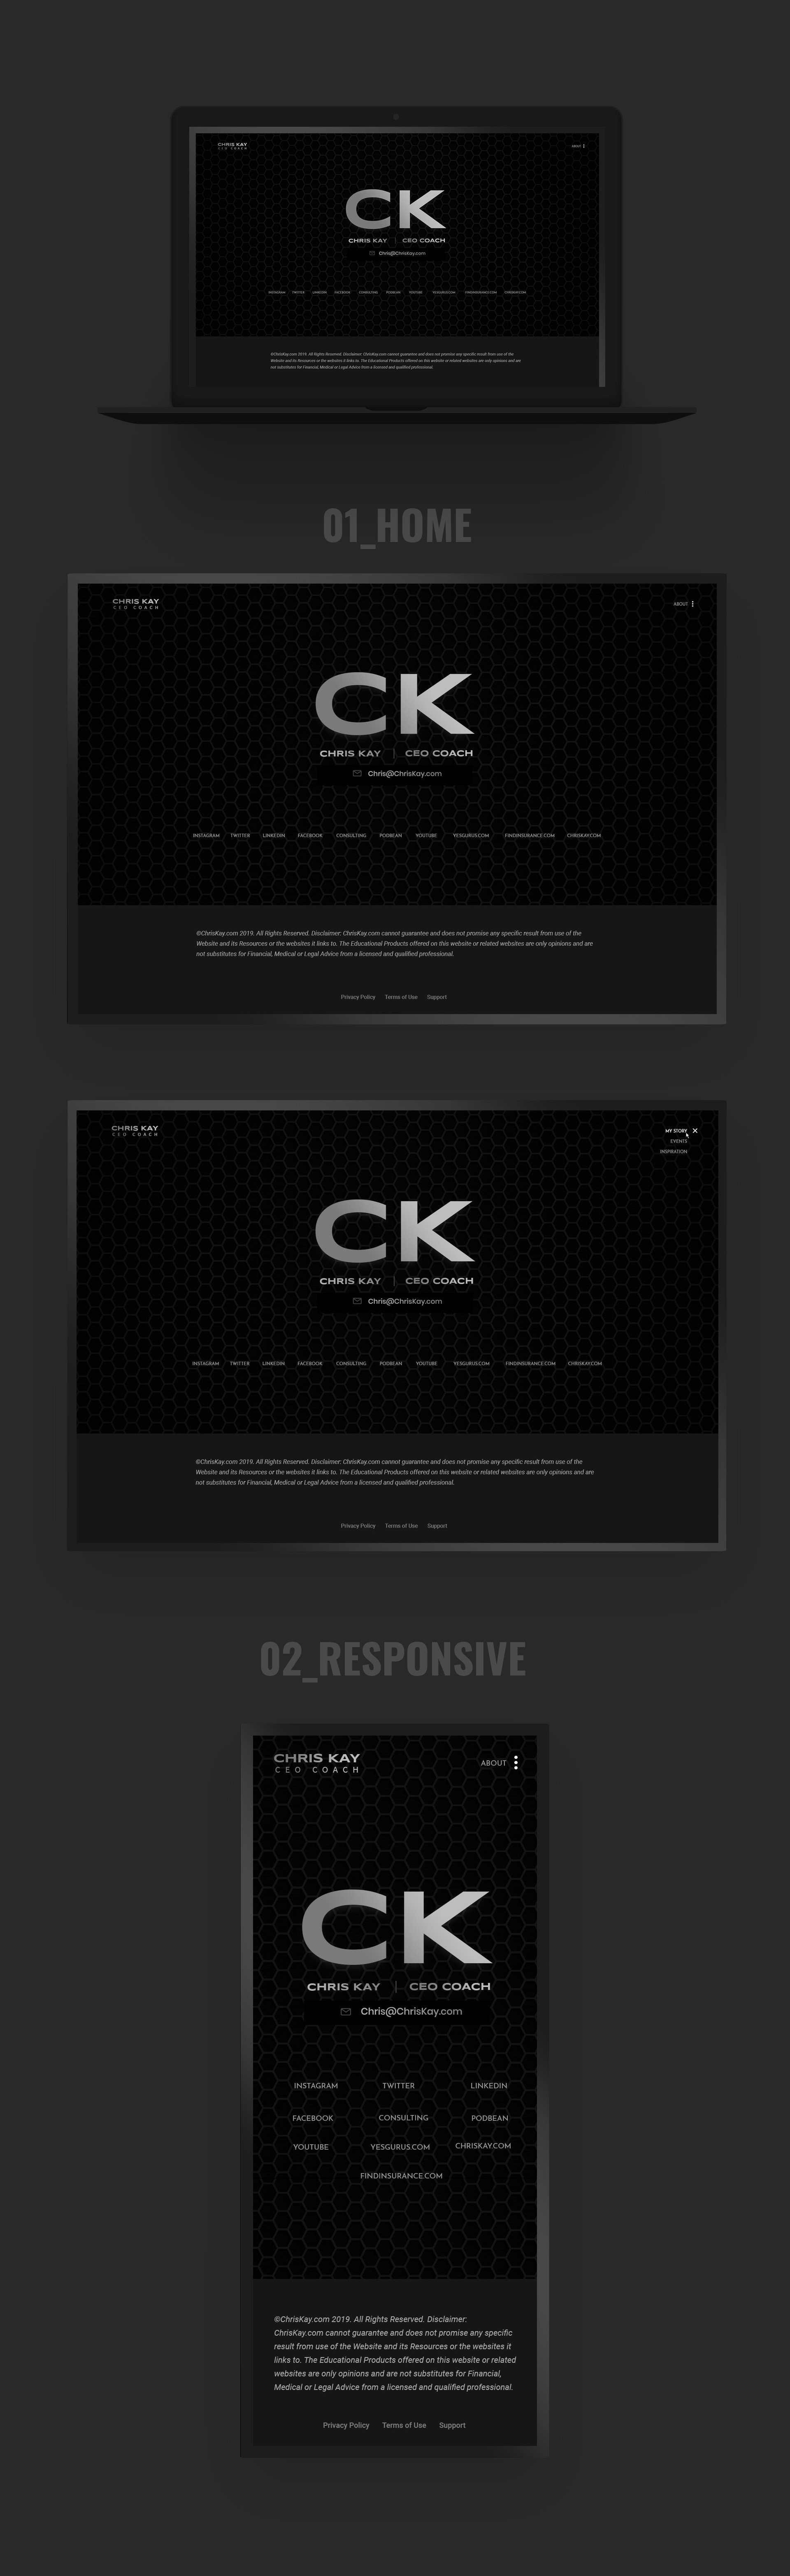 Super Sleek Black steel grey award winning personal site